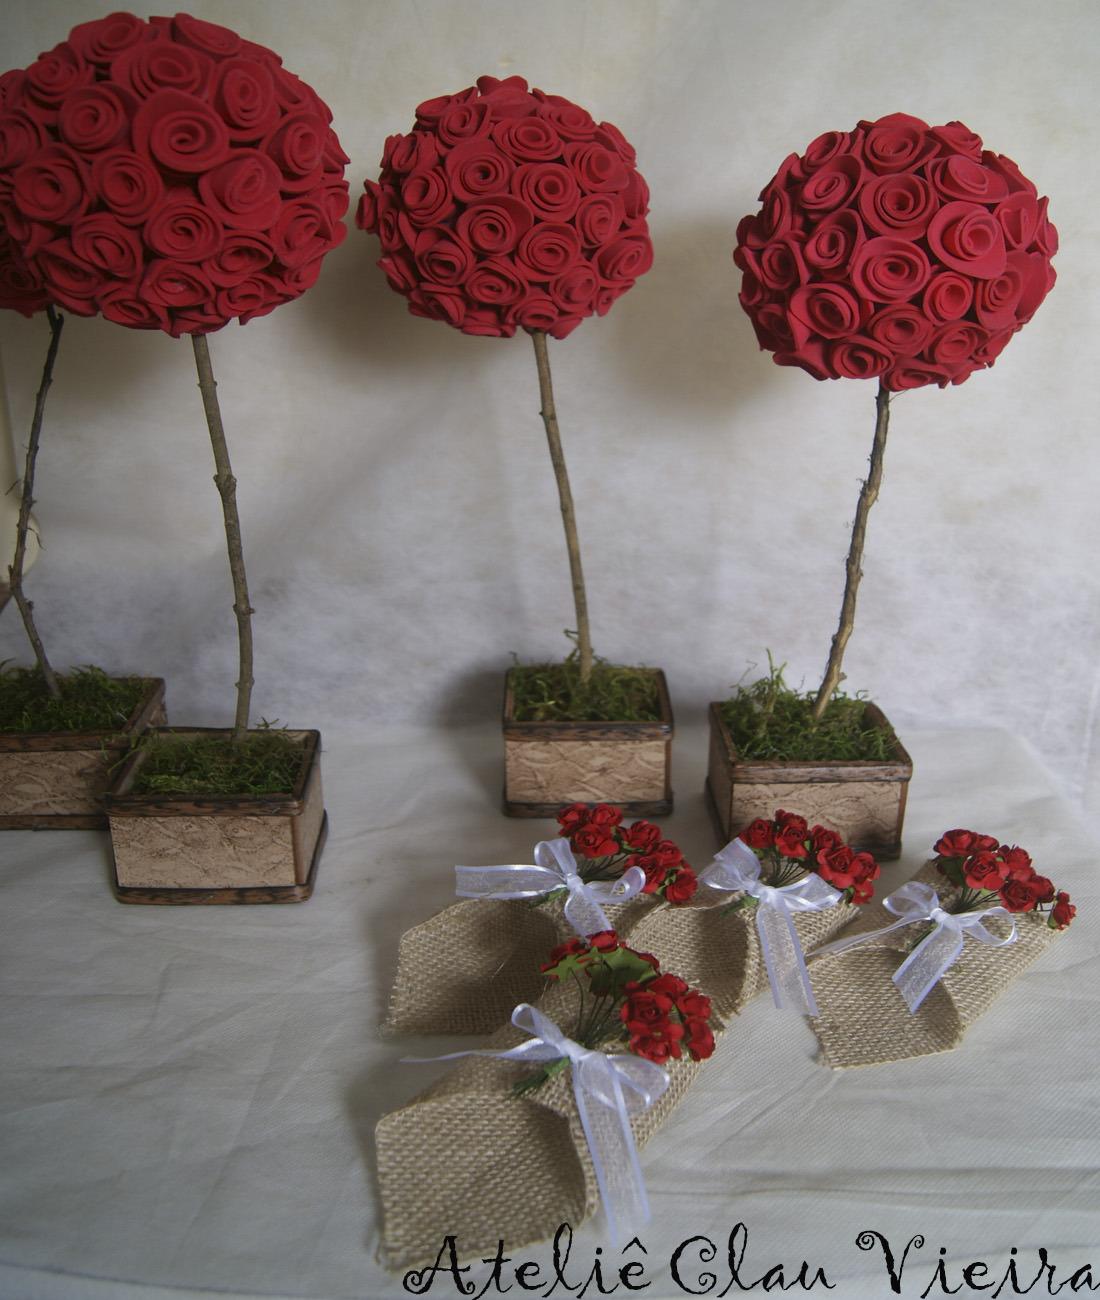 vasos decorativos para casamento com rosas vermelhas